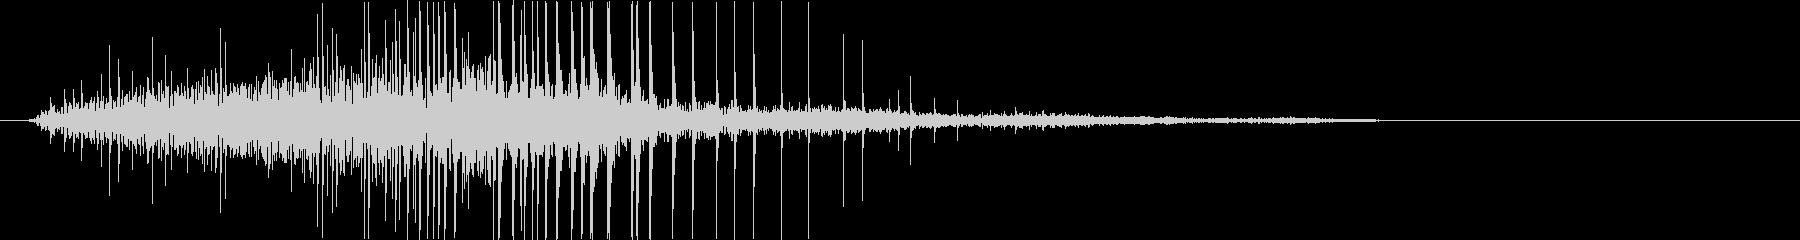 鋭い マーブルポットダーク02の未再生の波形